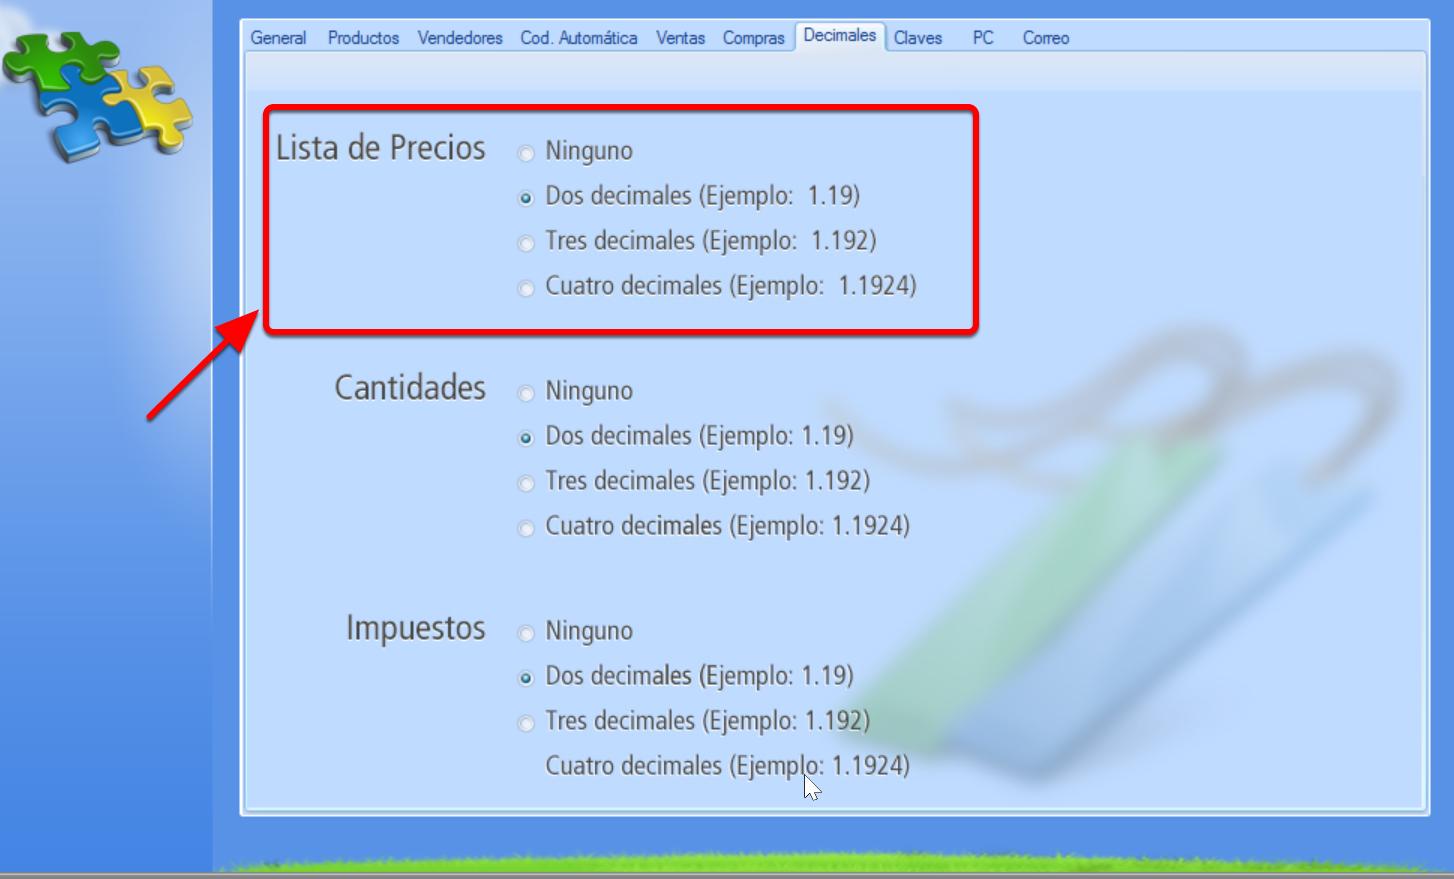 579cc2caa9ba961f04c68c49_decimales-lista